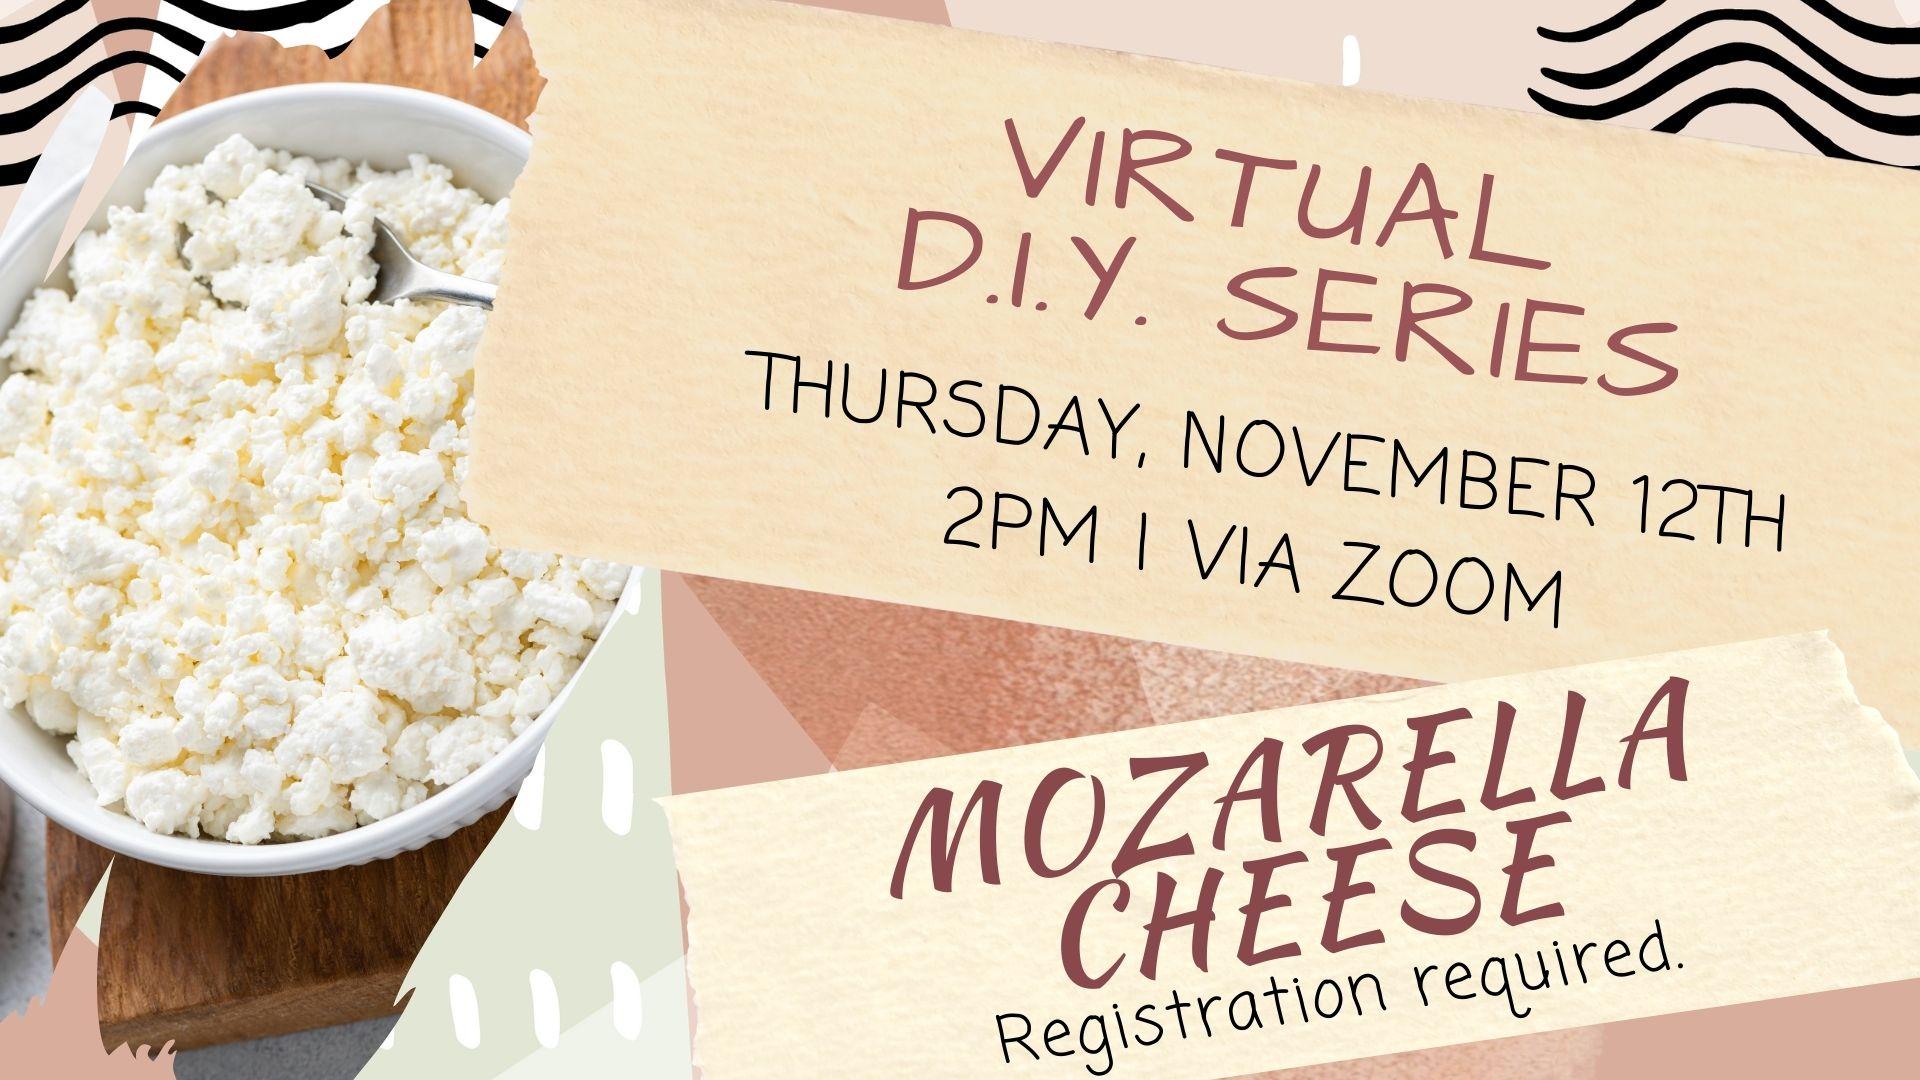 Virtual DIY Series: Make your Own Mozzarella